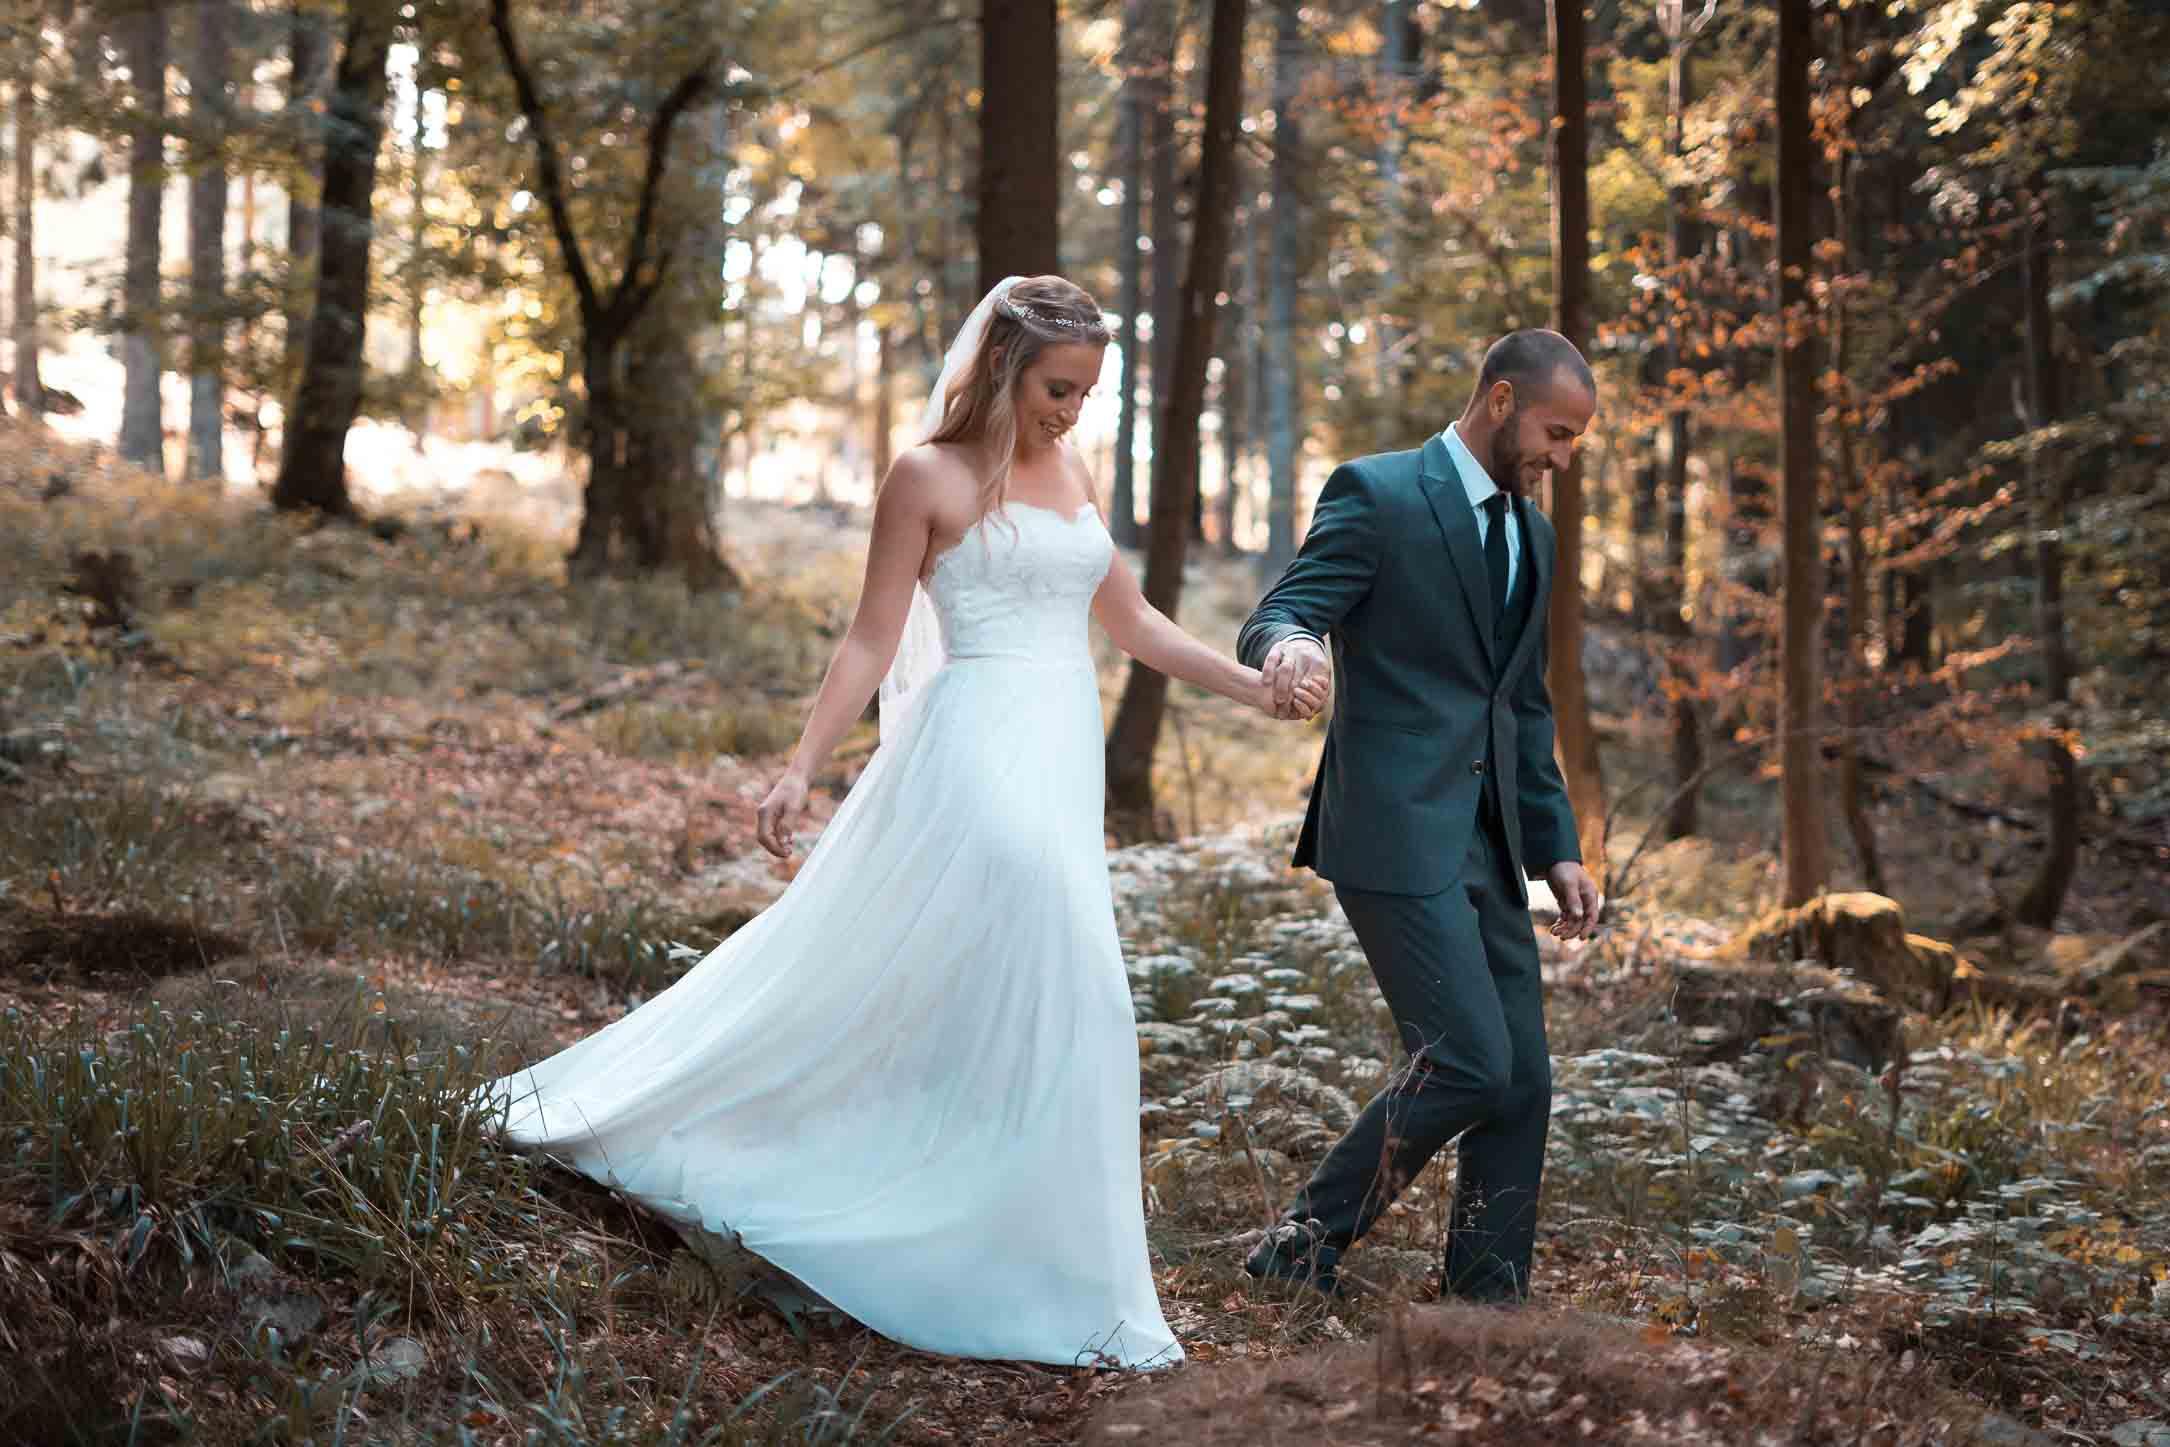 Das Brautpaar läuft Hand in Hand durch einen Wald.